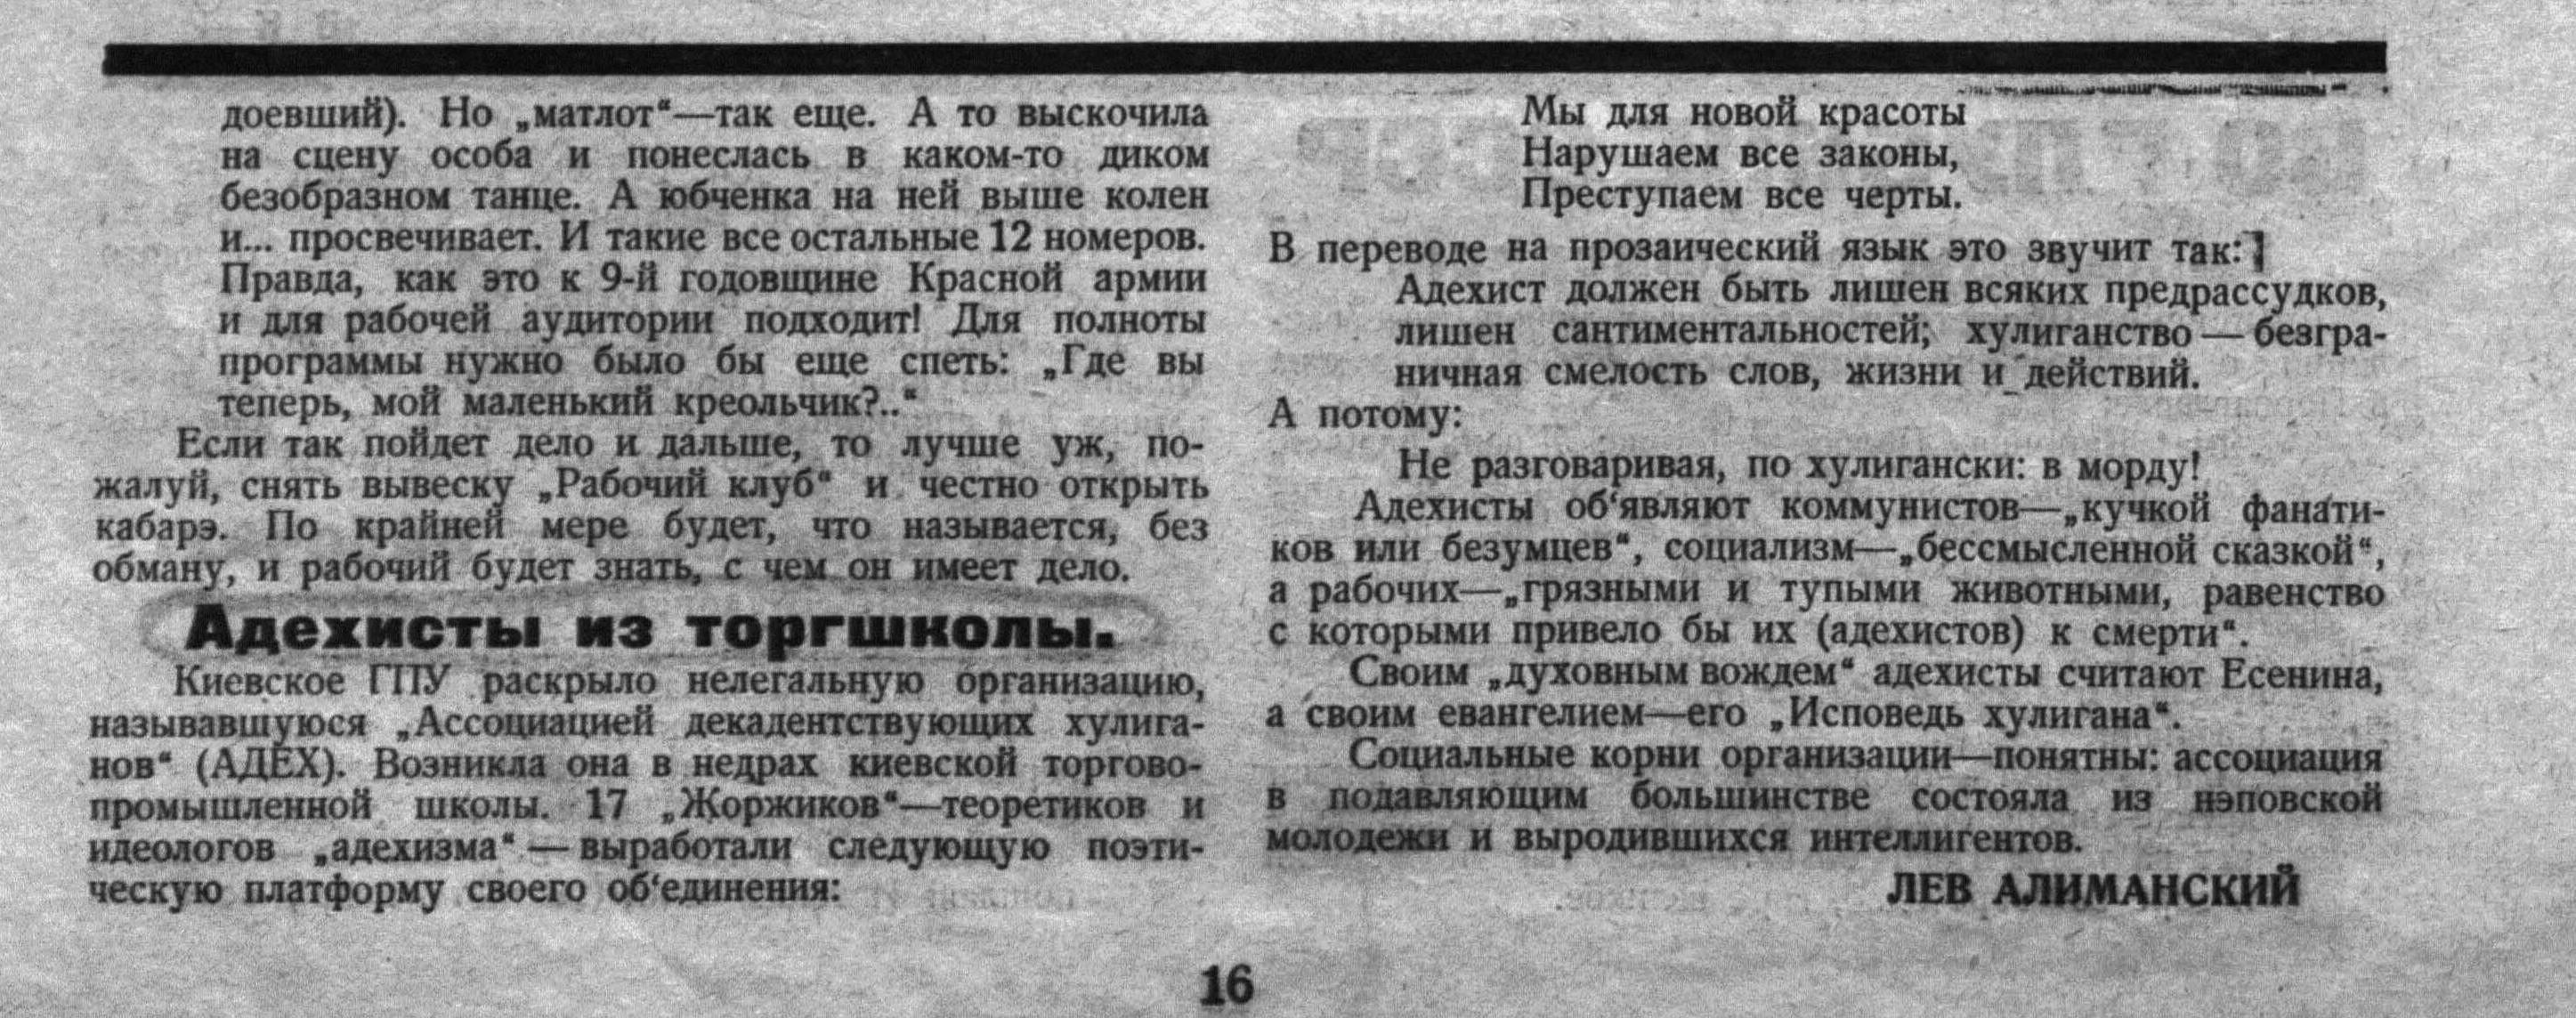 ЖИ 1927 нр15 апр12 с16